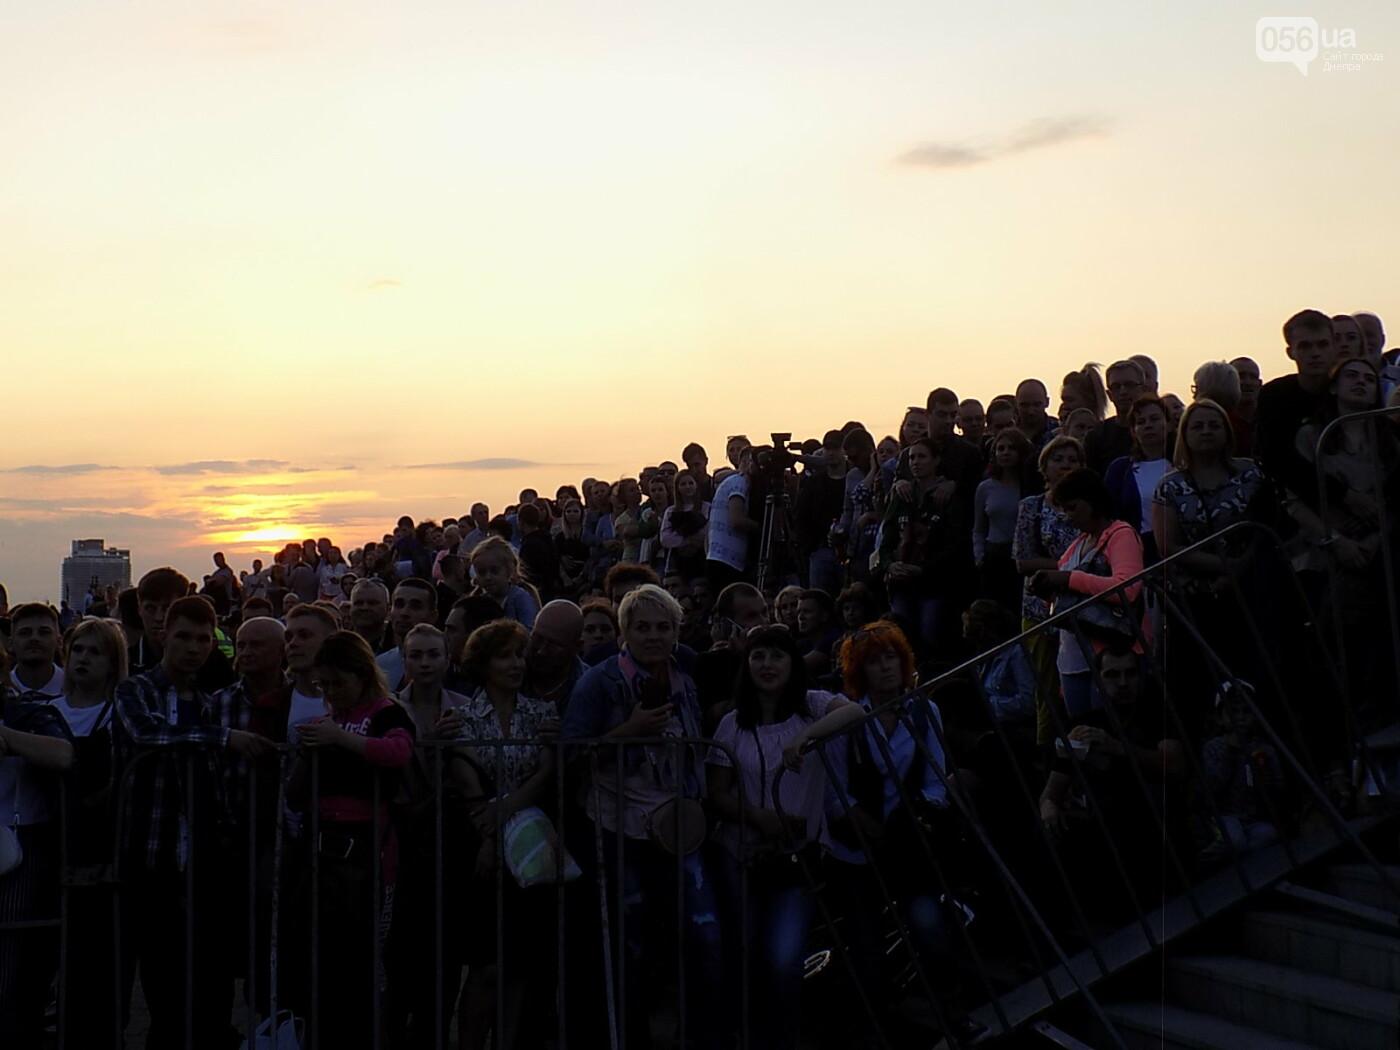 В Днепре прошел концерт группы Океан Эльзы: как это было, - ФОТО, фото-2